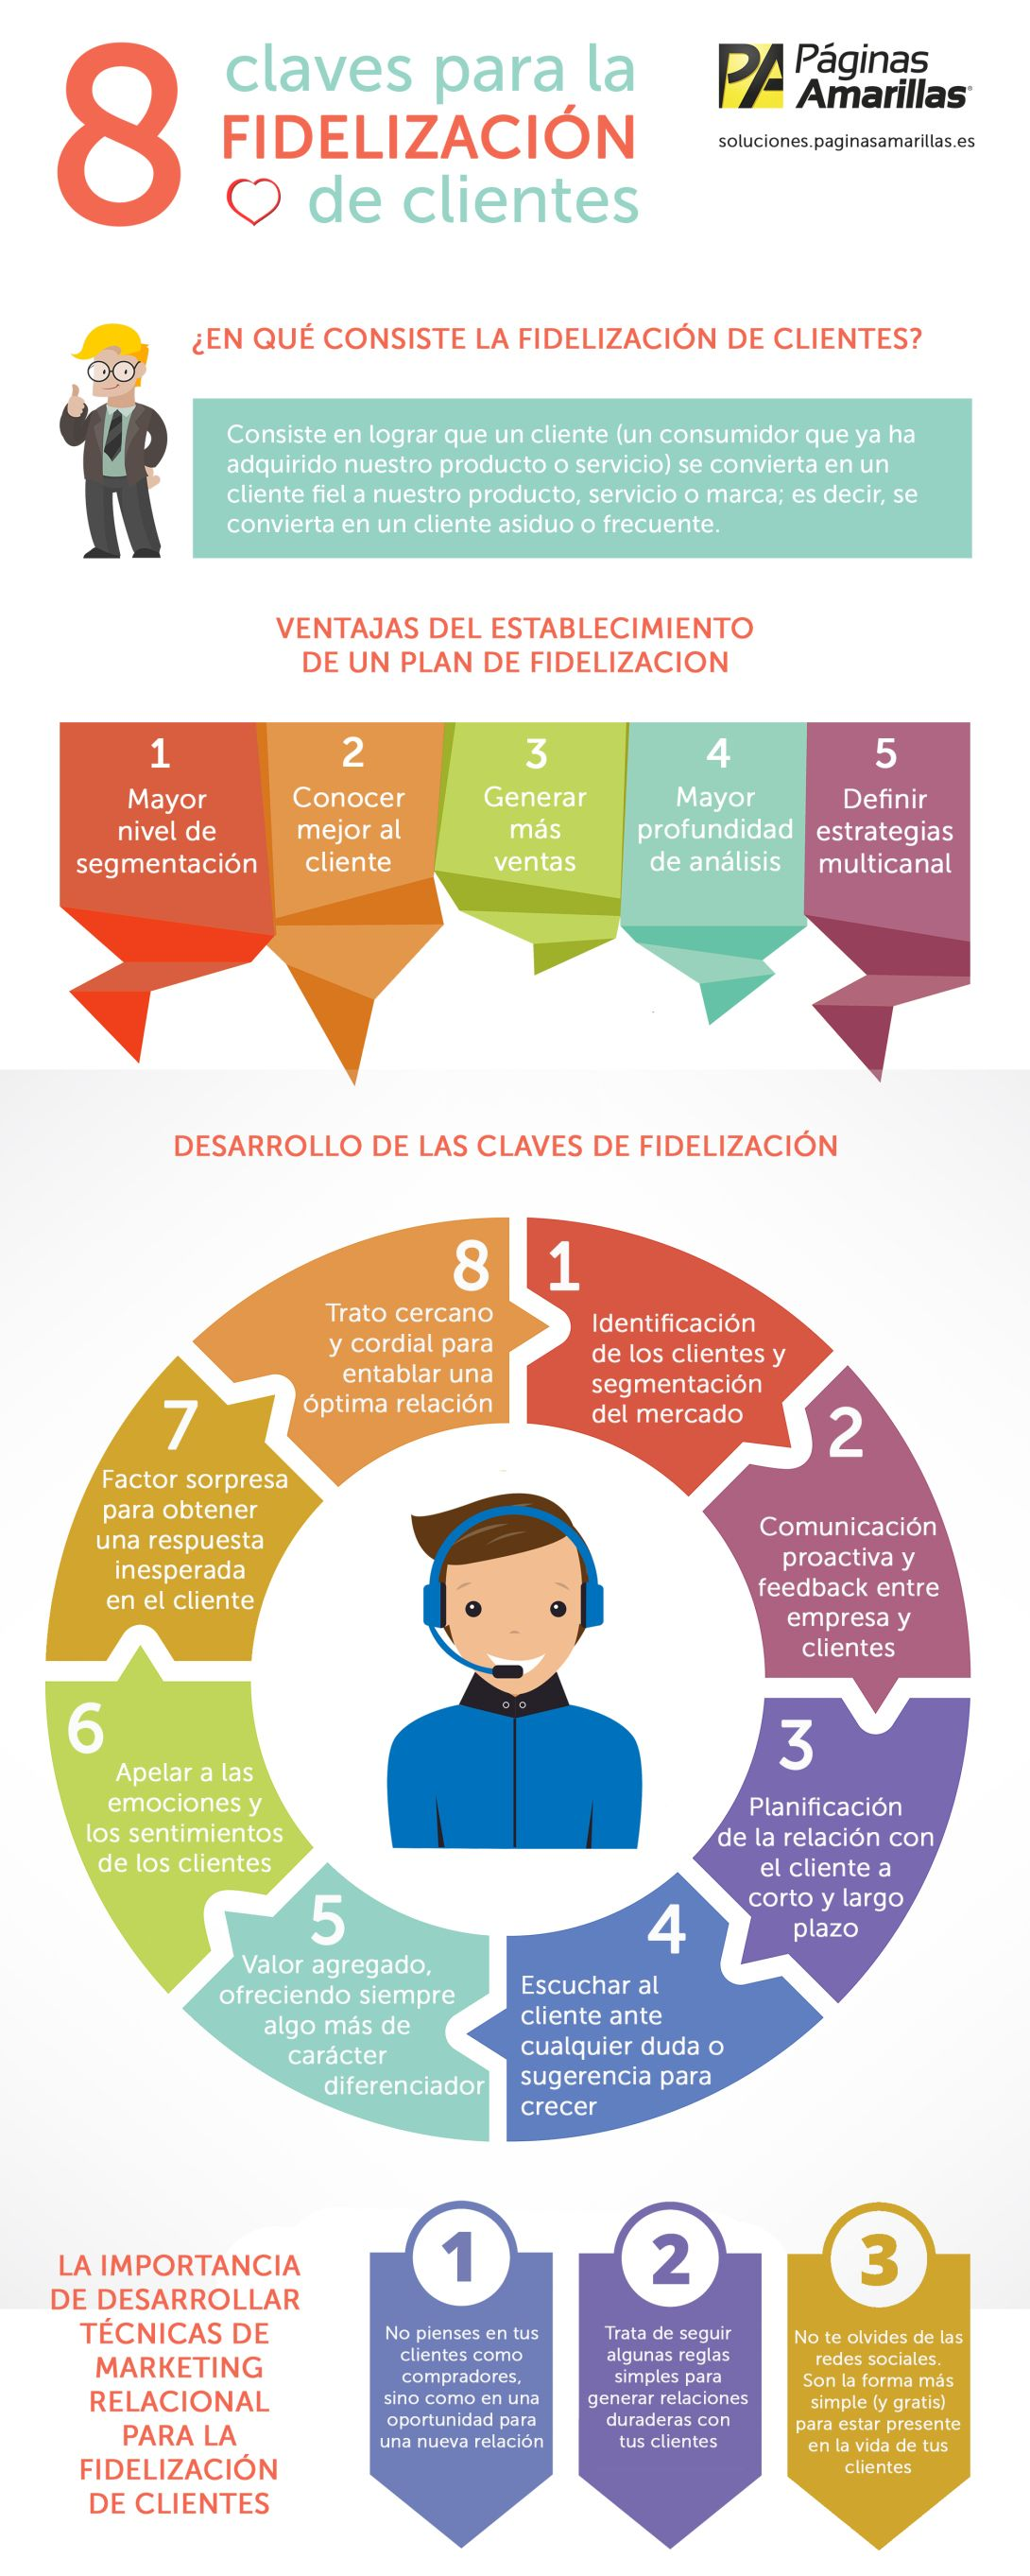 8 Claves Para La Fidelización De Tus Clientes Infografia Infographic Marketing Tics Y Formación Web Marketing Social Marketing Digital Marketing